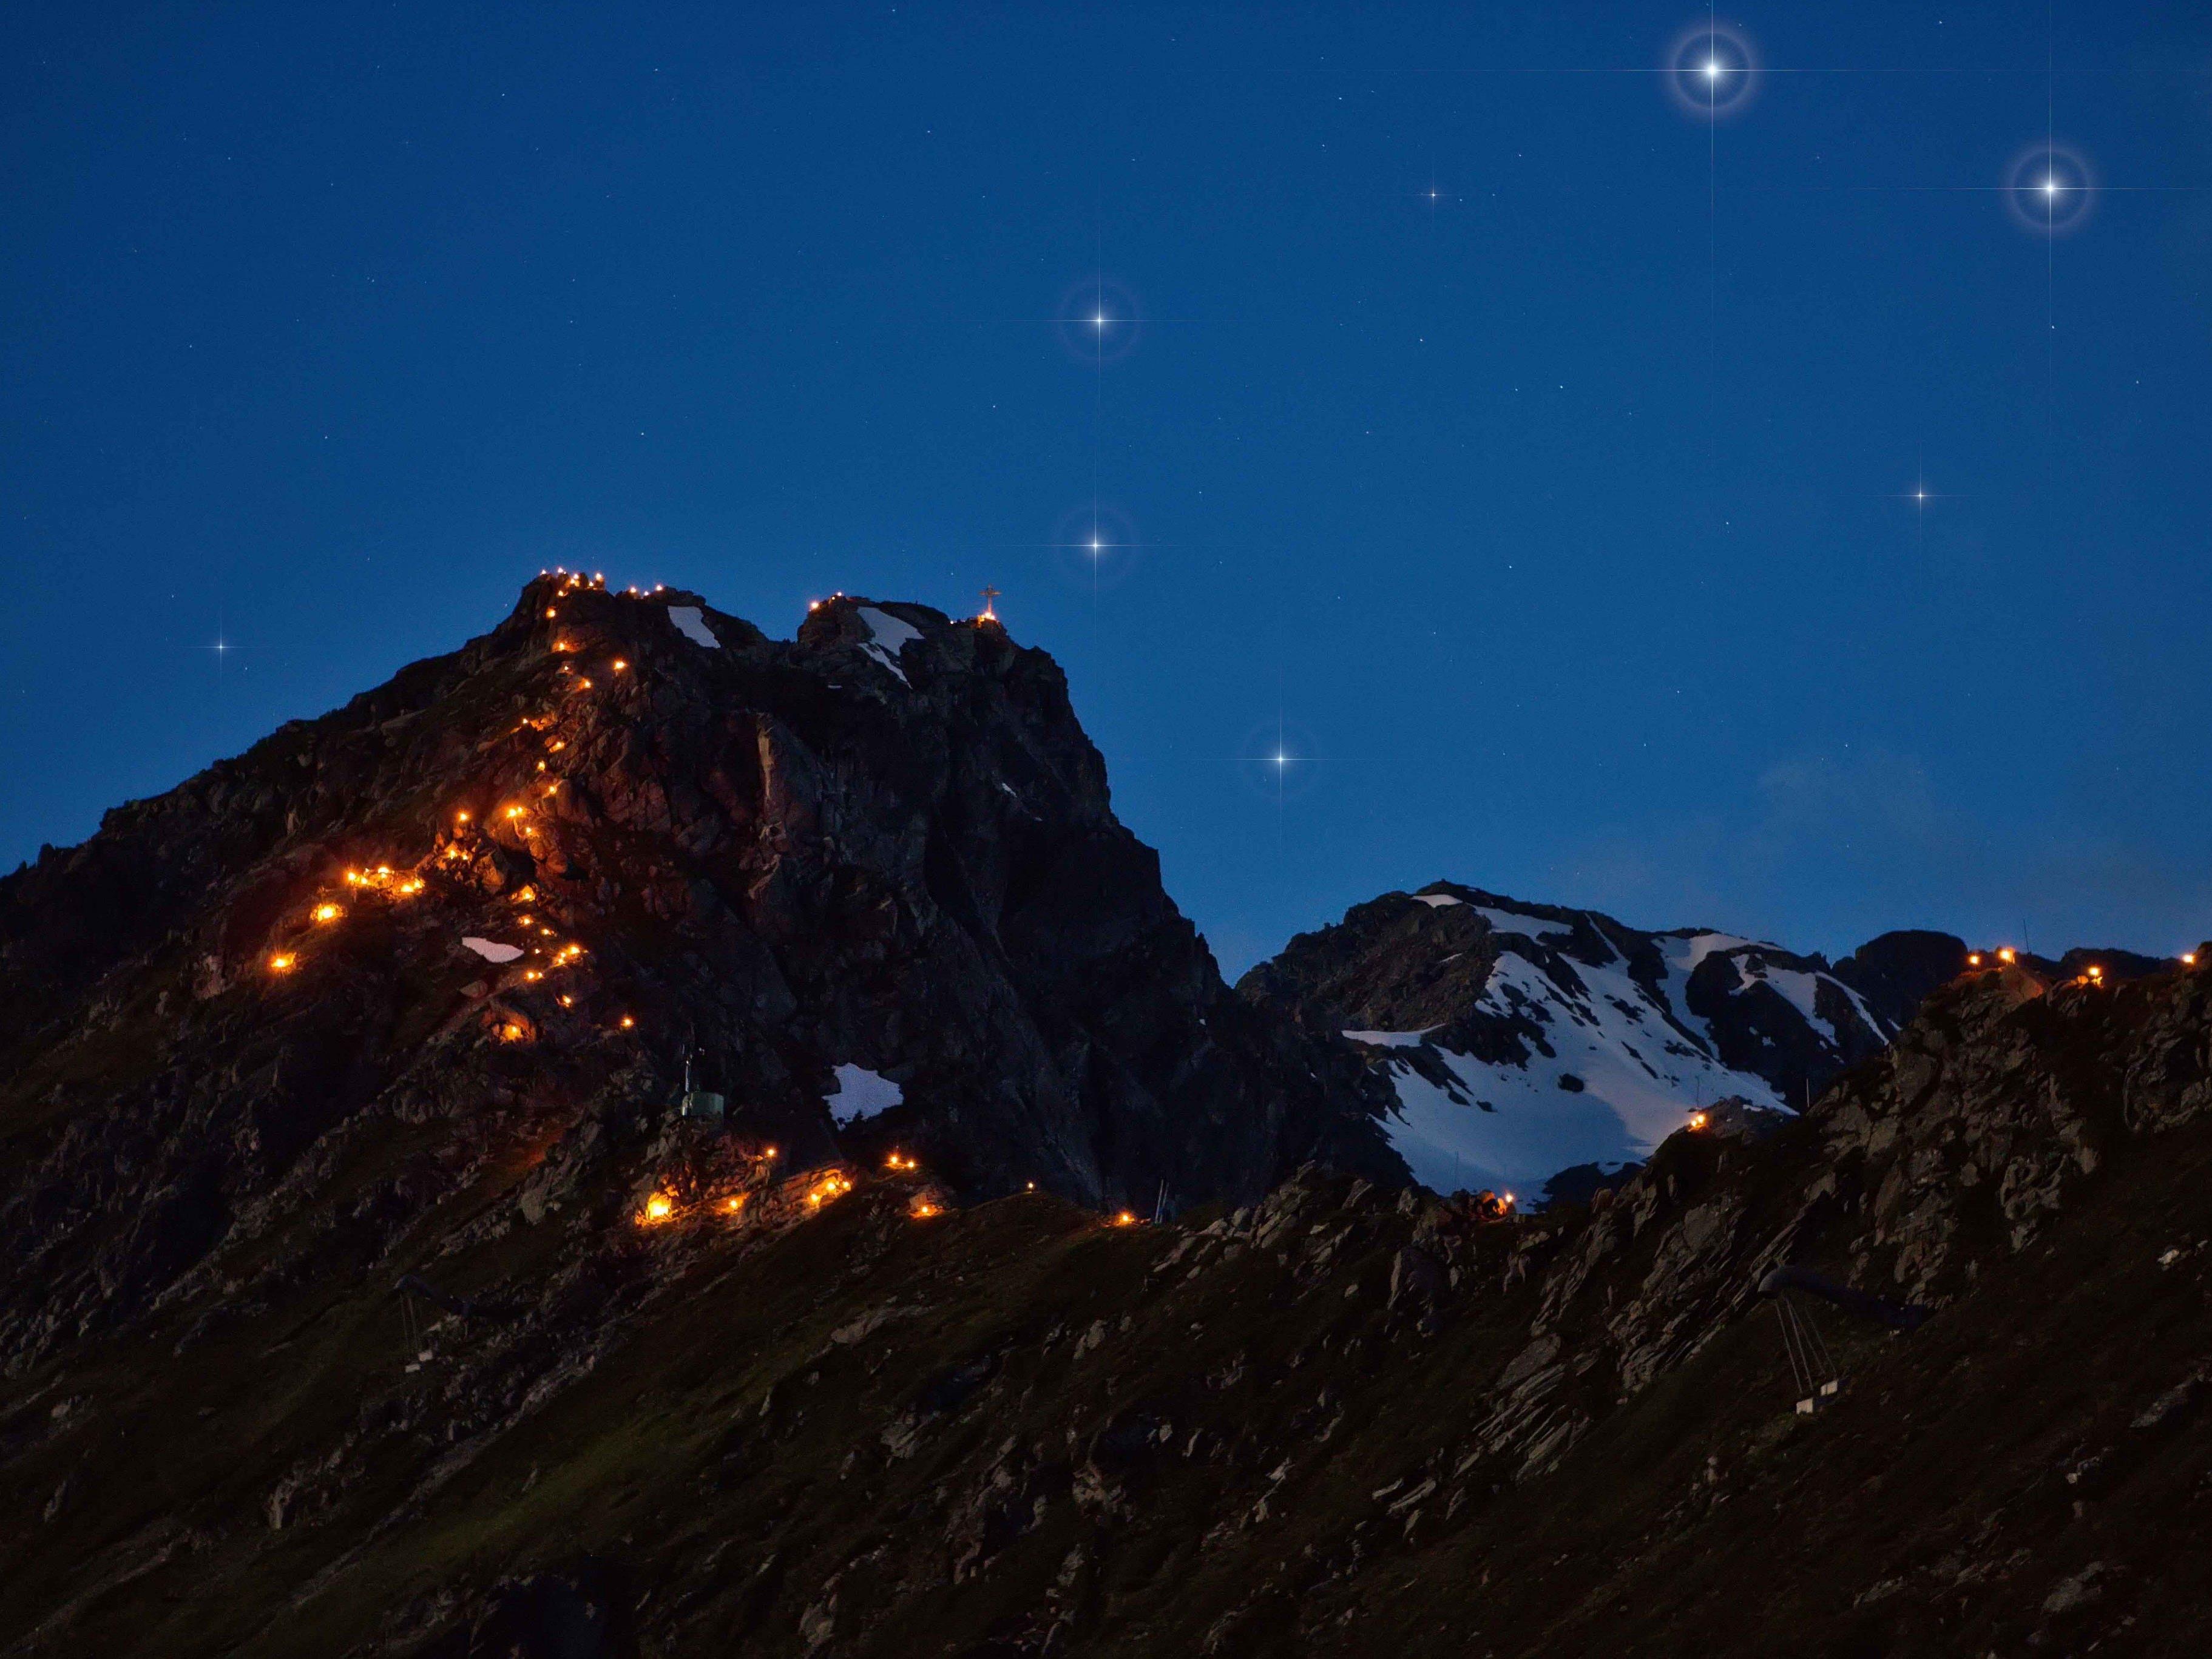 Wildromantisches Montafon, wenn die Gipfel in Flammen stehen.